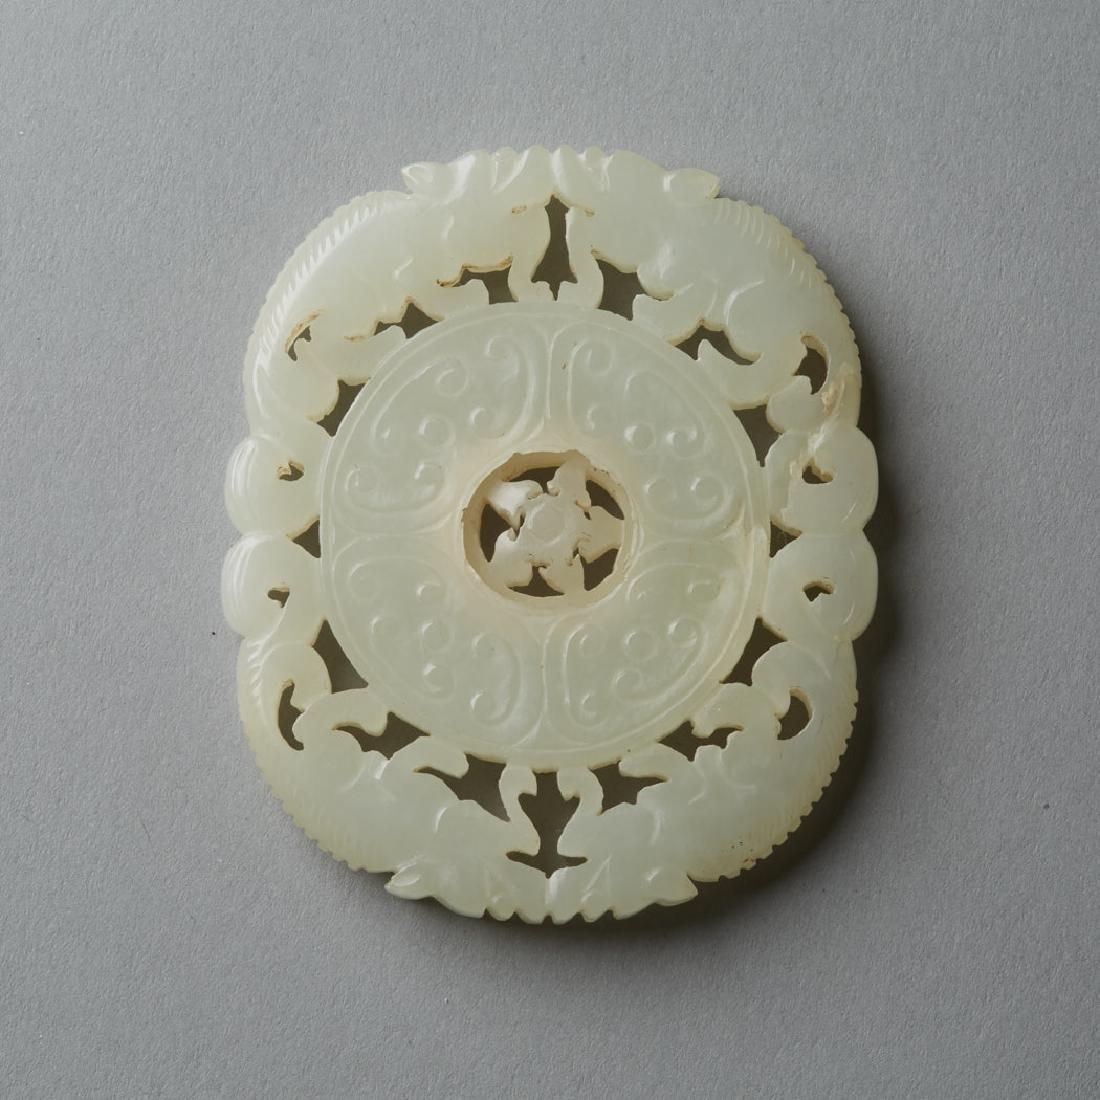 Chinese Qing Jade Buddhist Prayer Wheel Bi - BTC Acpt - 2